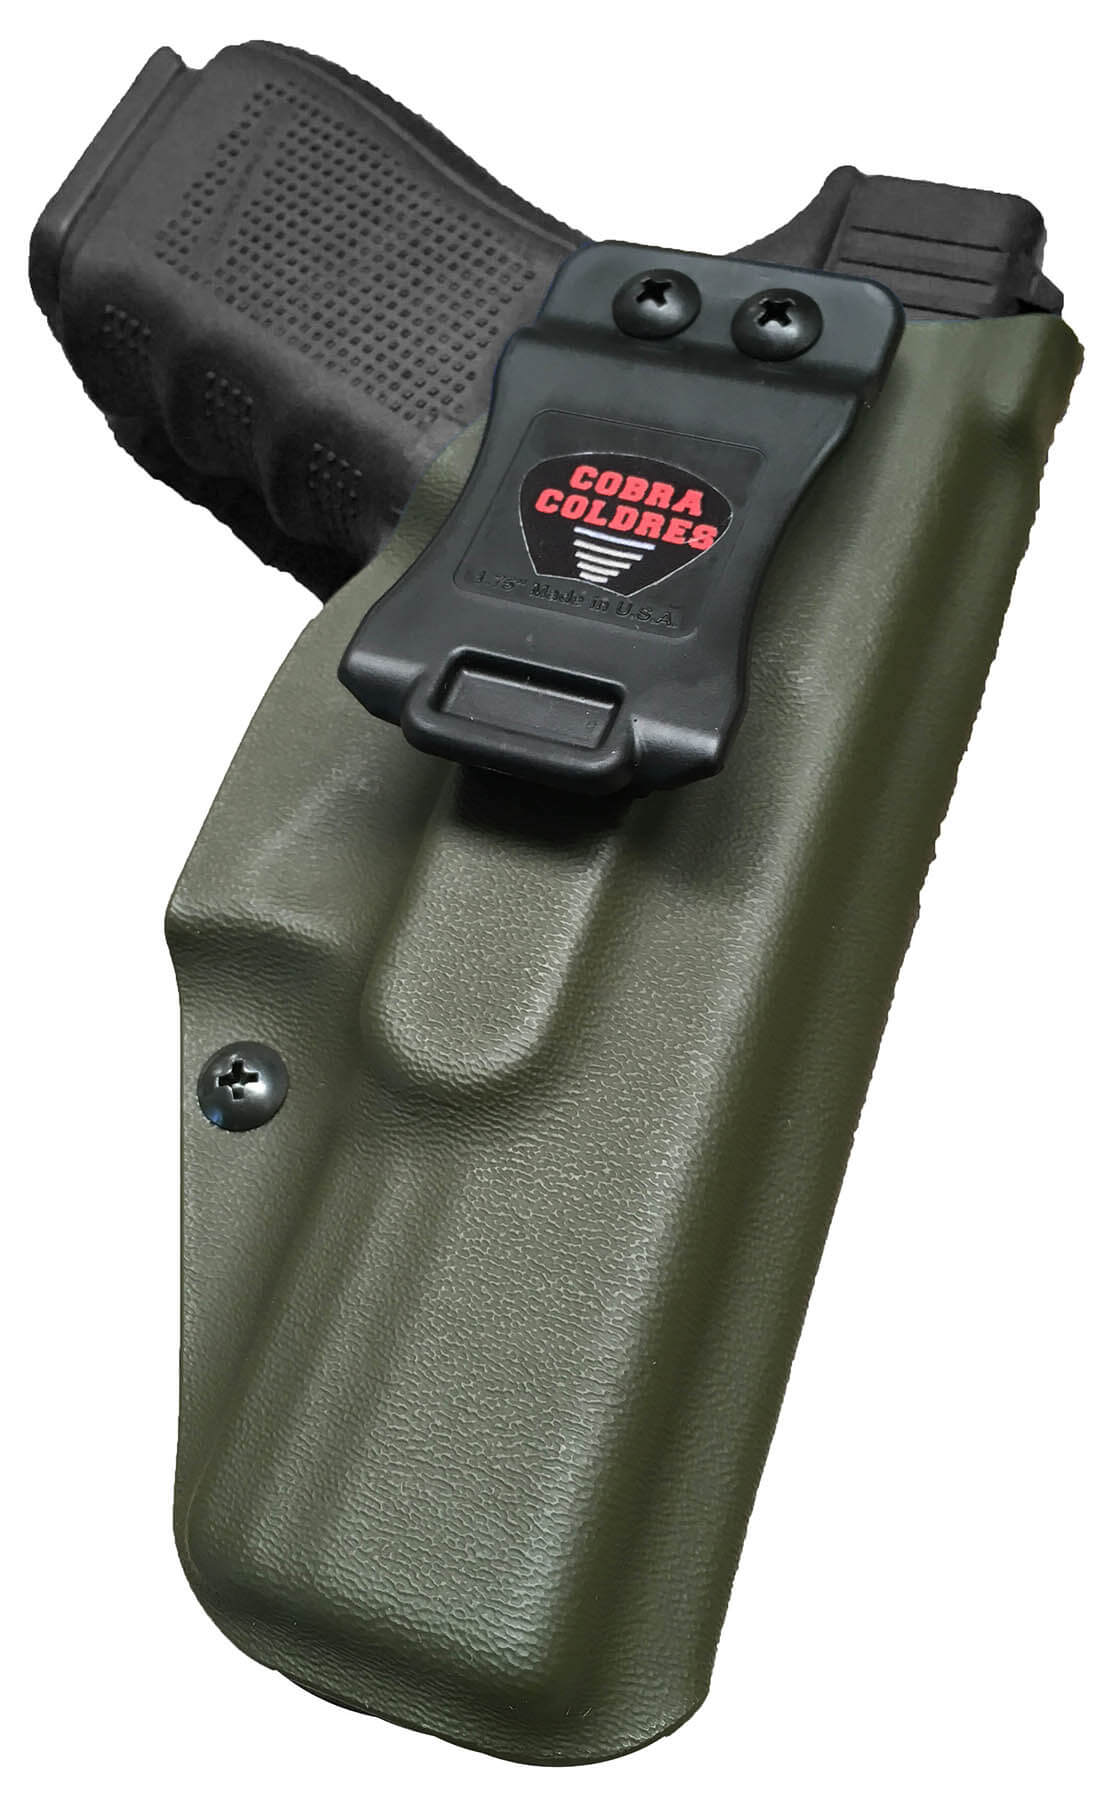 Coldre Slim [G25] [G19] [19x] [G23] [G32] [G38] Glock Saque Rápido Velado Kydex® 080 - Verde Oliva Escuro / Dark Olive